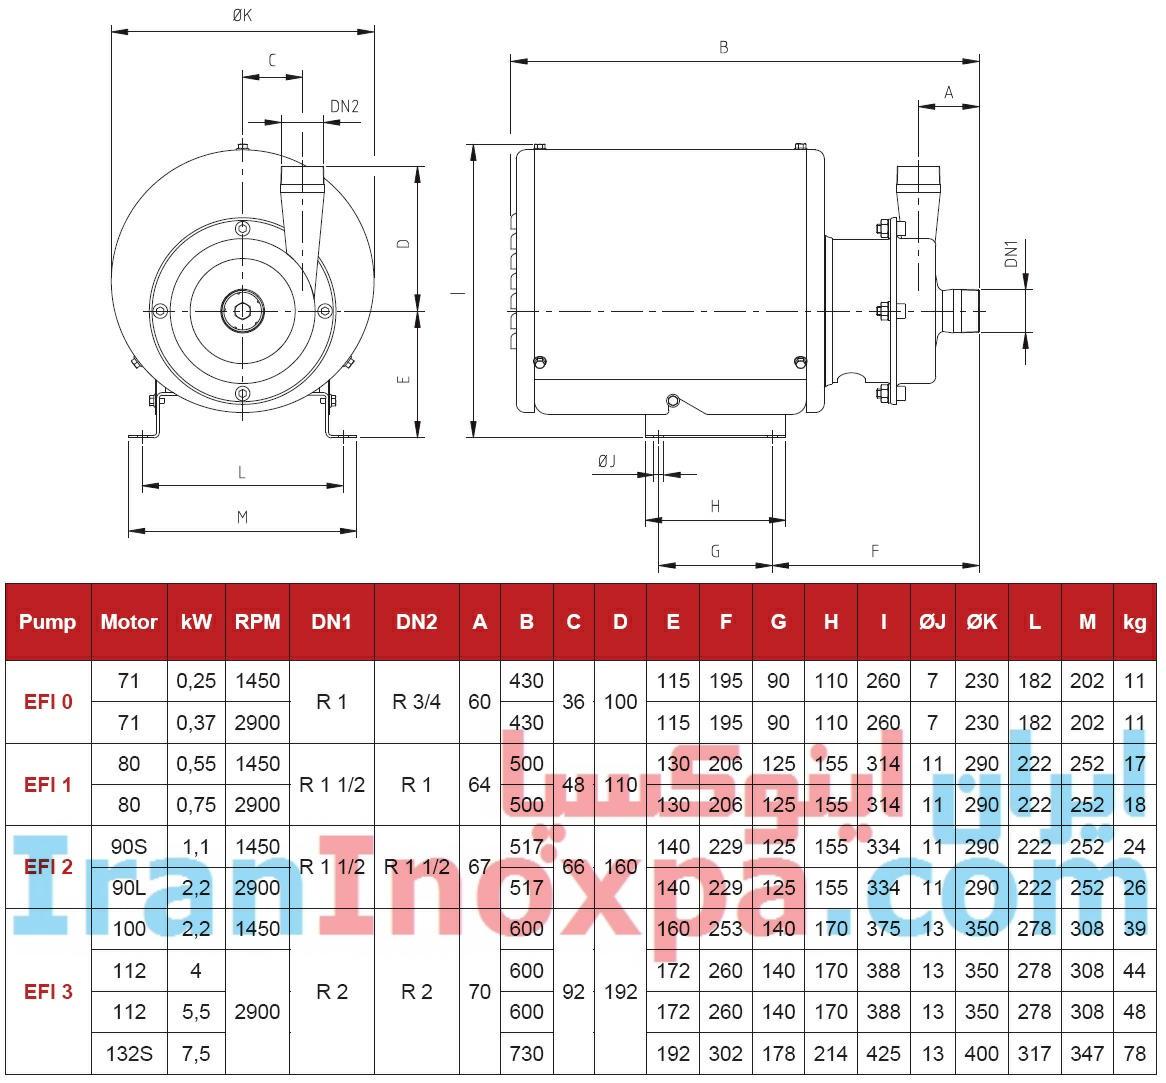 جدول ابعاد ESTAMPINOX EFI پمپ استیل سانتریفیوژی بهداشتی دارای پوشش موتور اینوکسپا